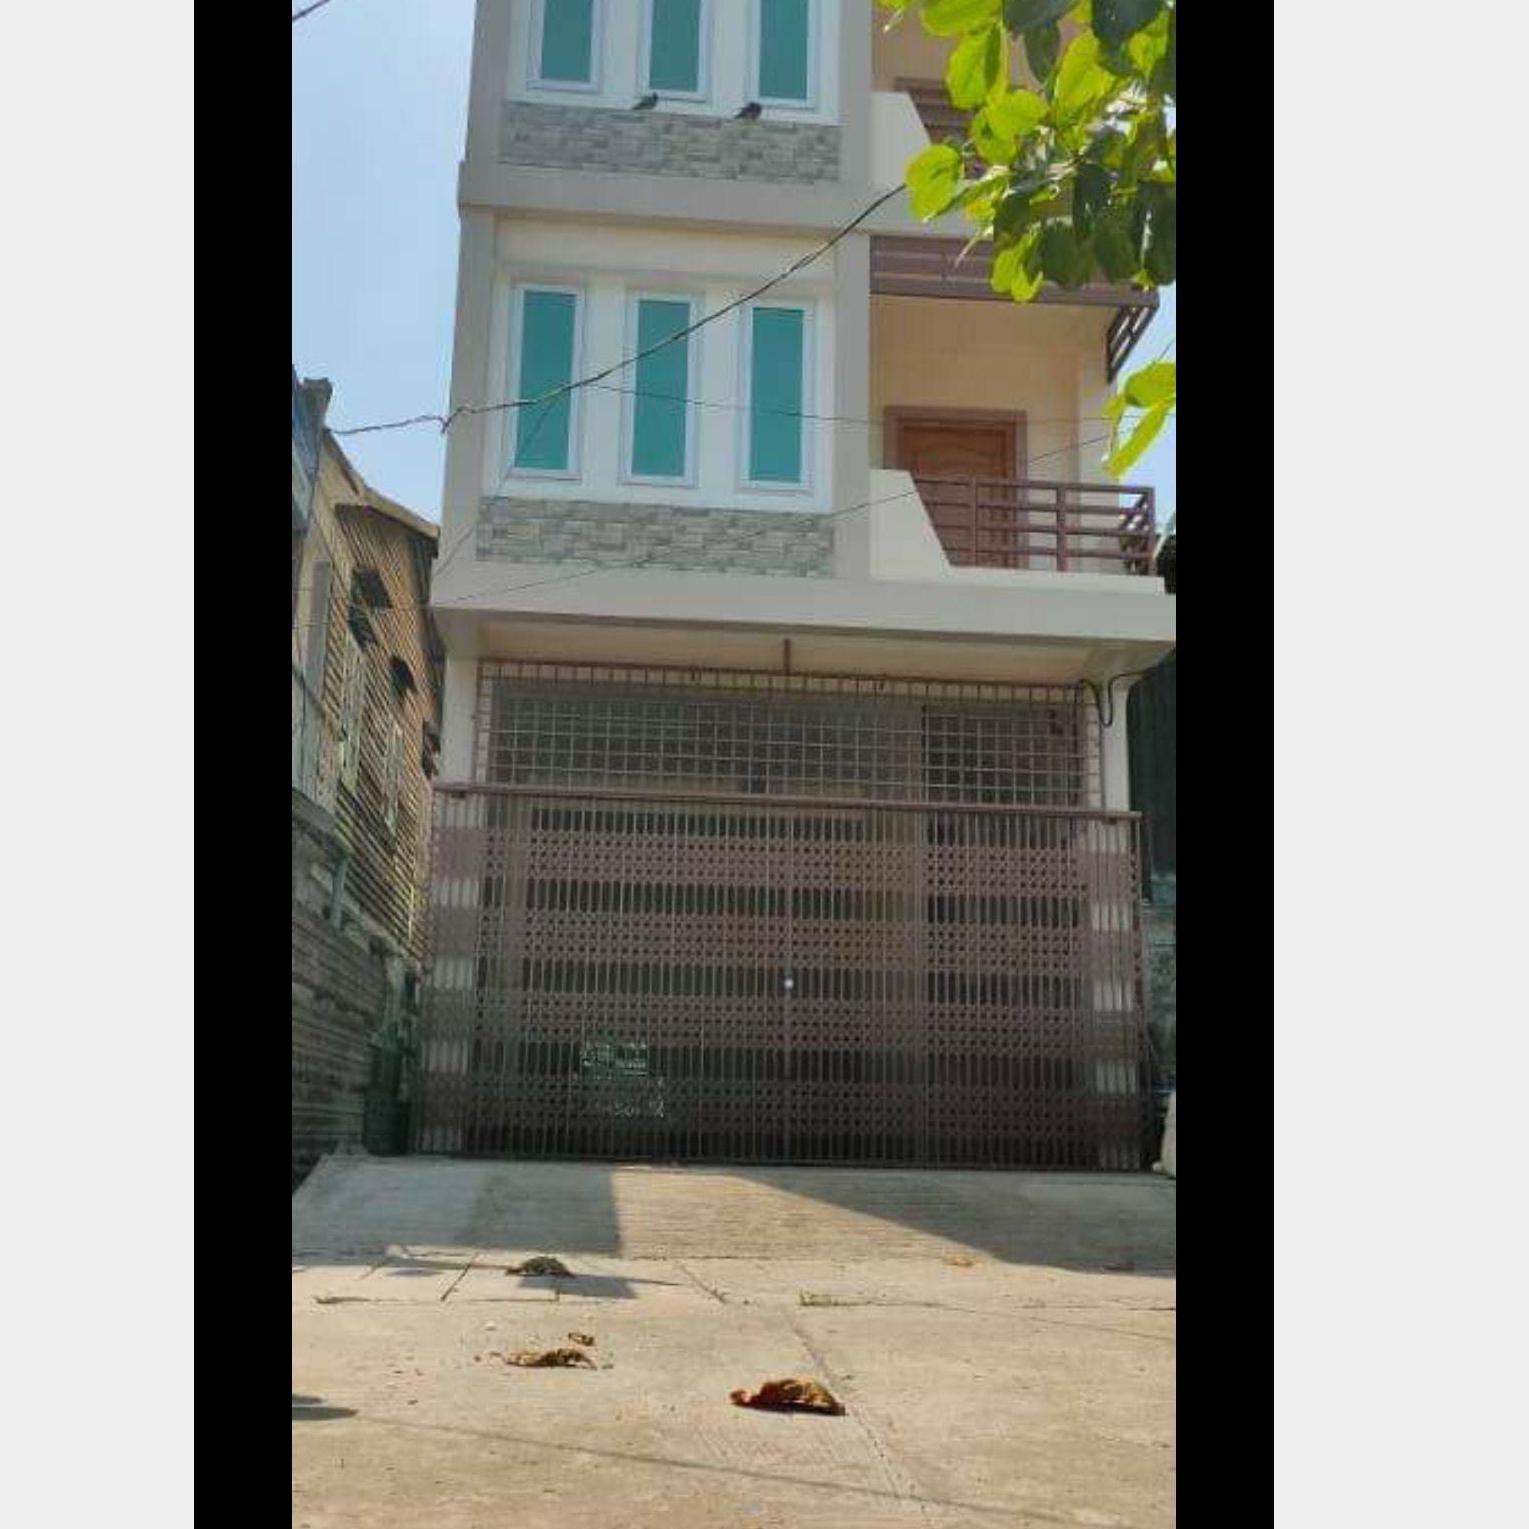 တိုက်အသစ်ငှါးမည် Image, အိမ် classified, Myanmar marketplace, Myanmarkt